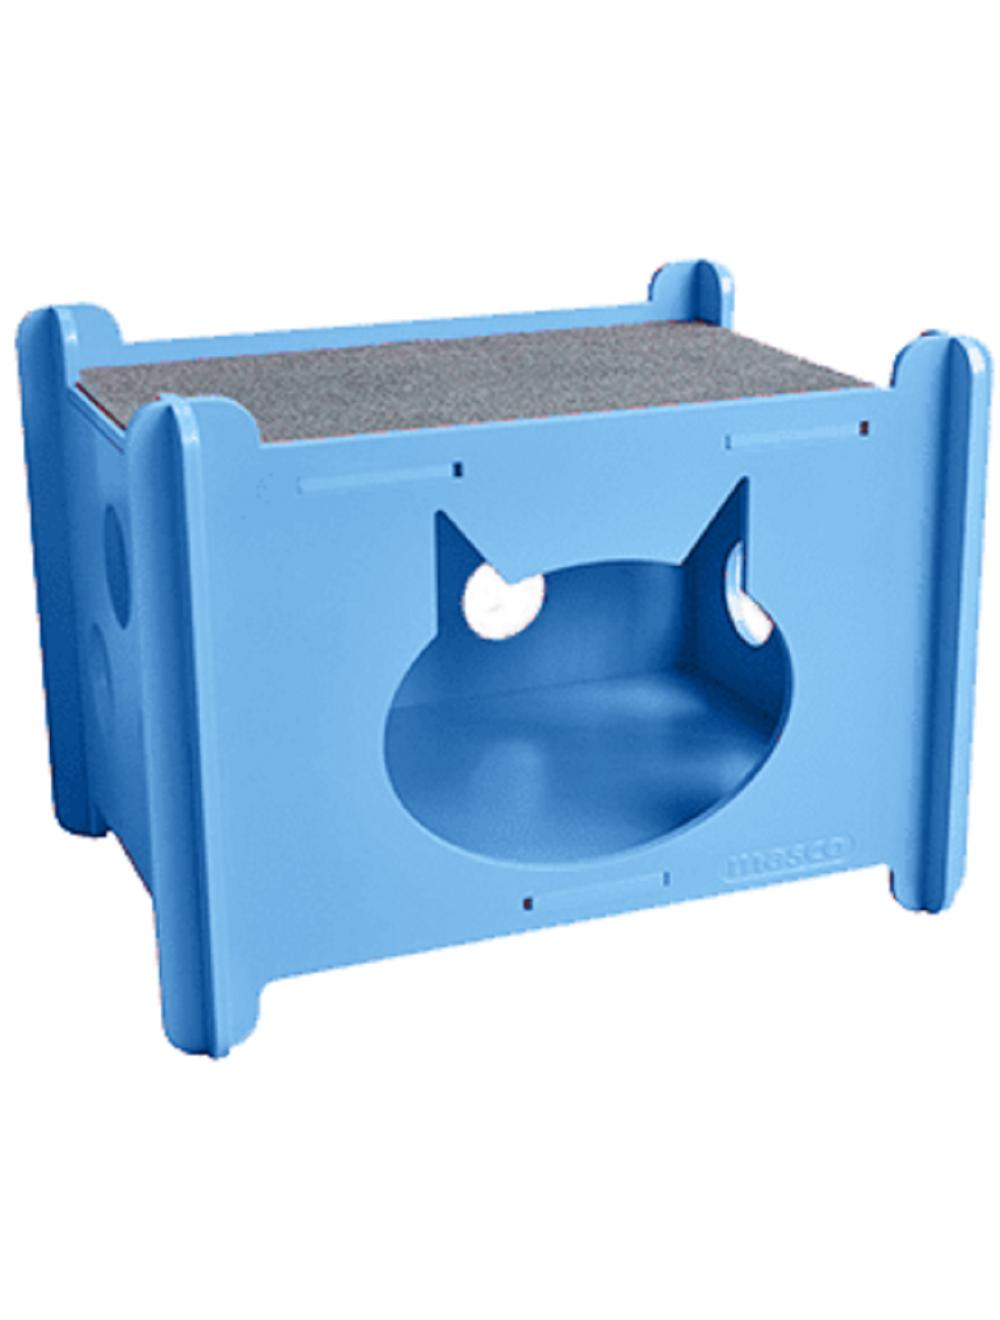 Masco Casa Armable para Gato Azul - Ciudaddemascotas.com